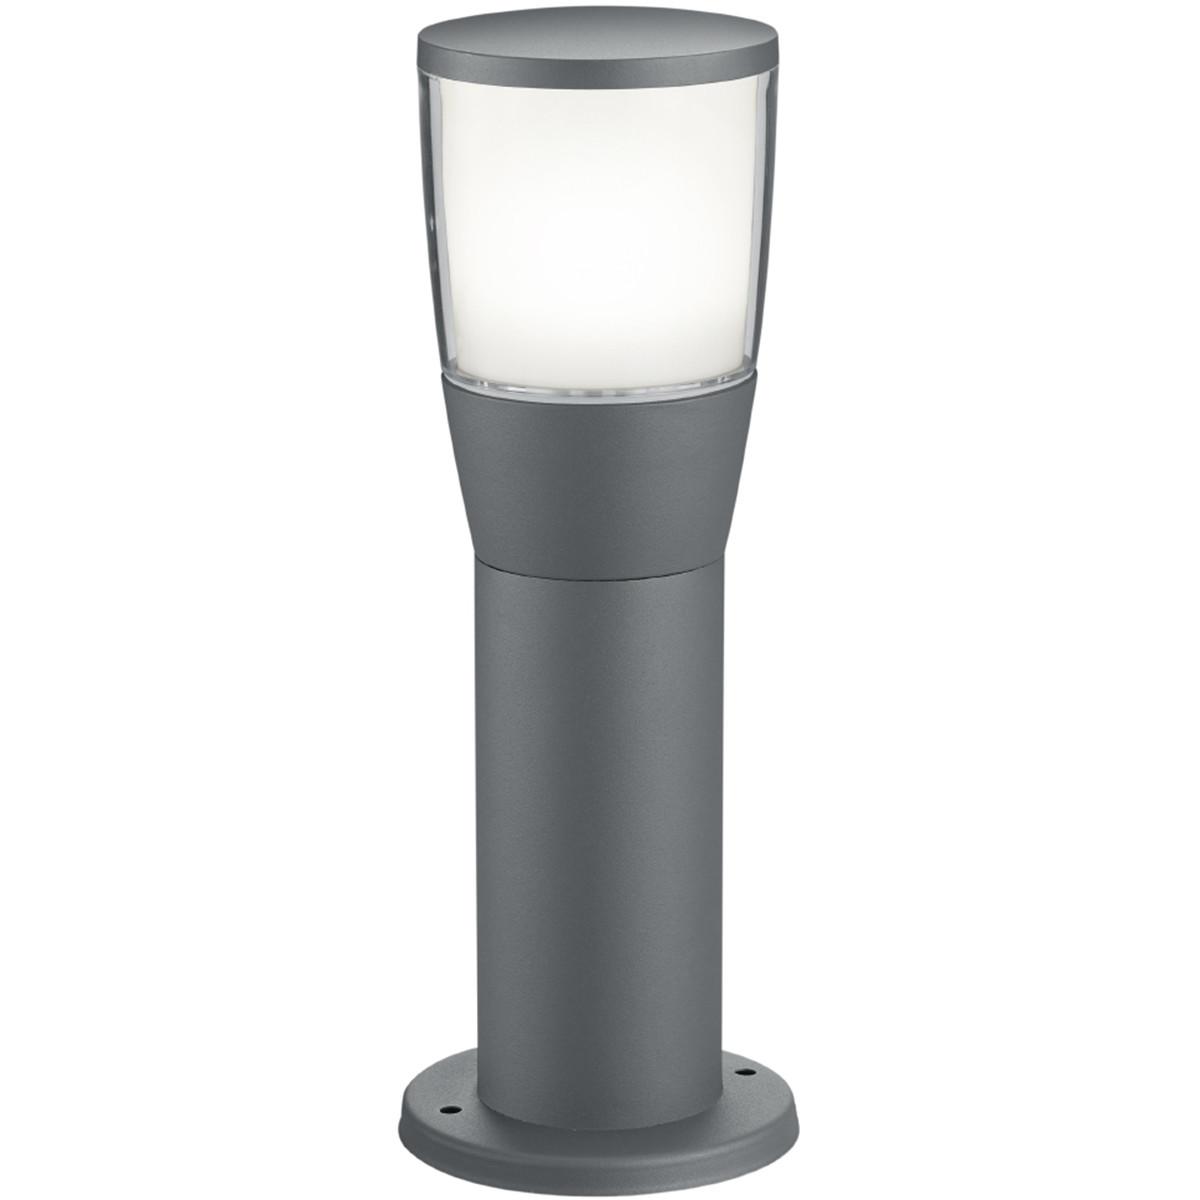 LED Tuinverlichting - Buitenlamp - Trion Shanila - Staand - 7W - Mat Zwart - Aluminium